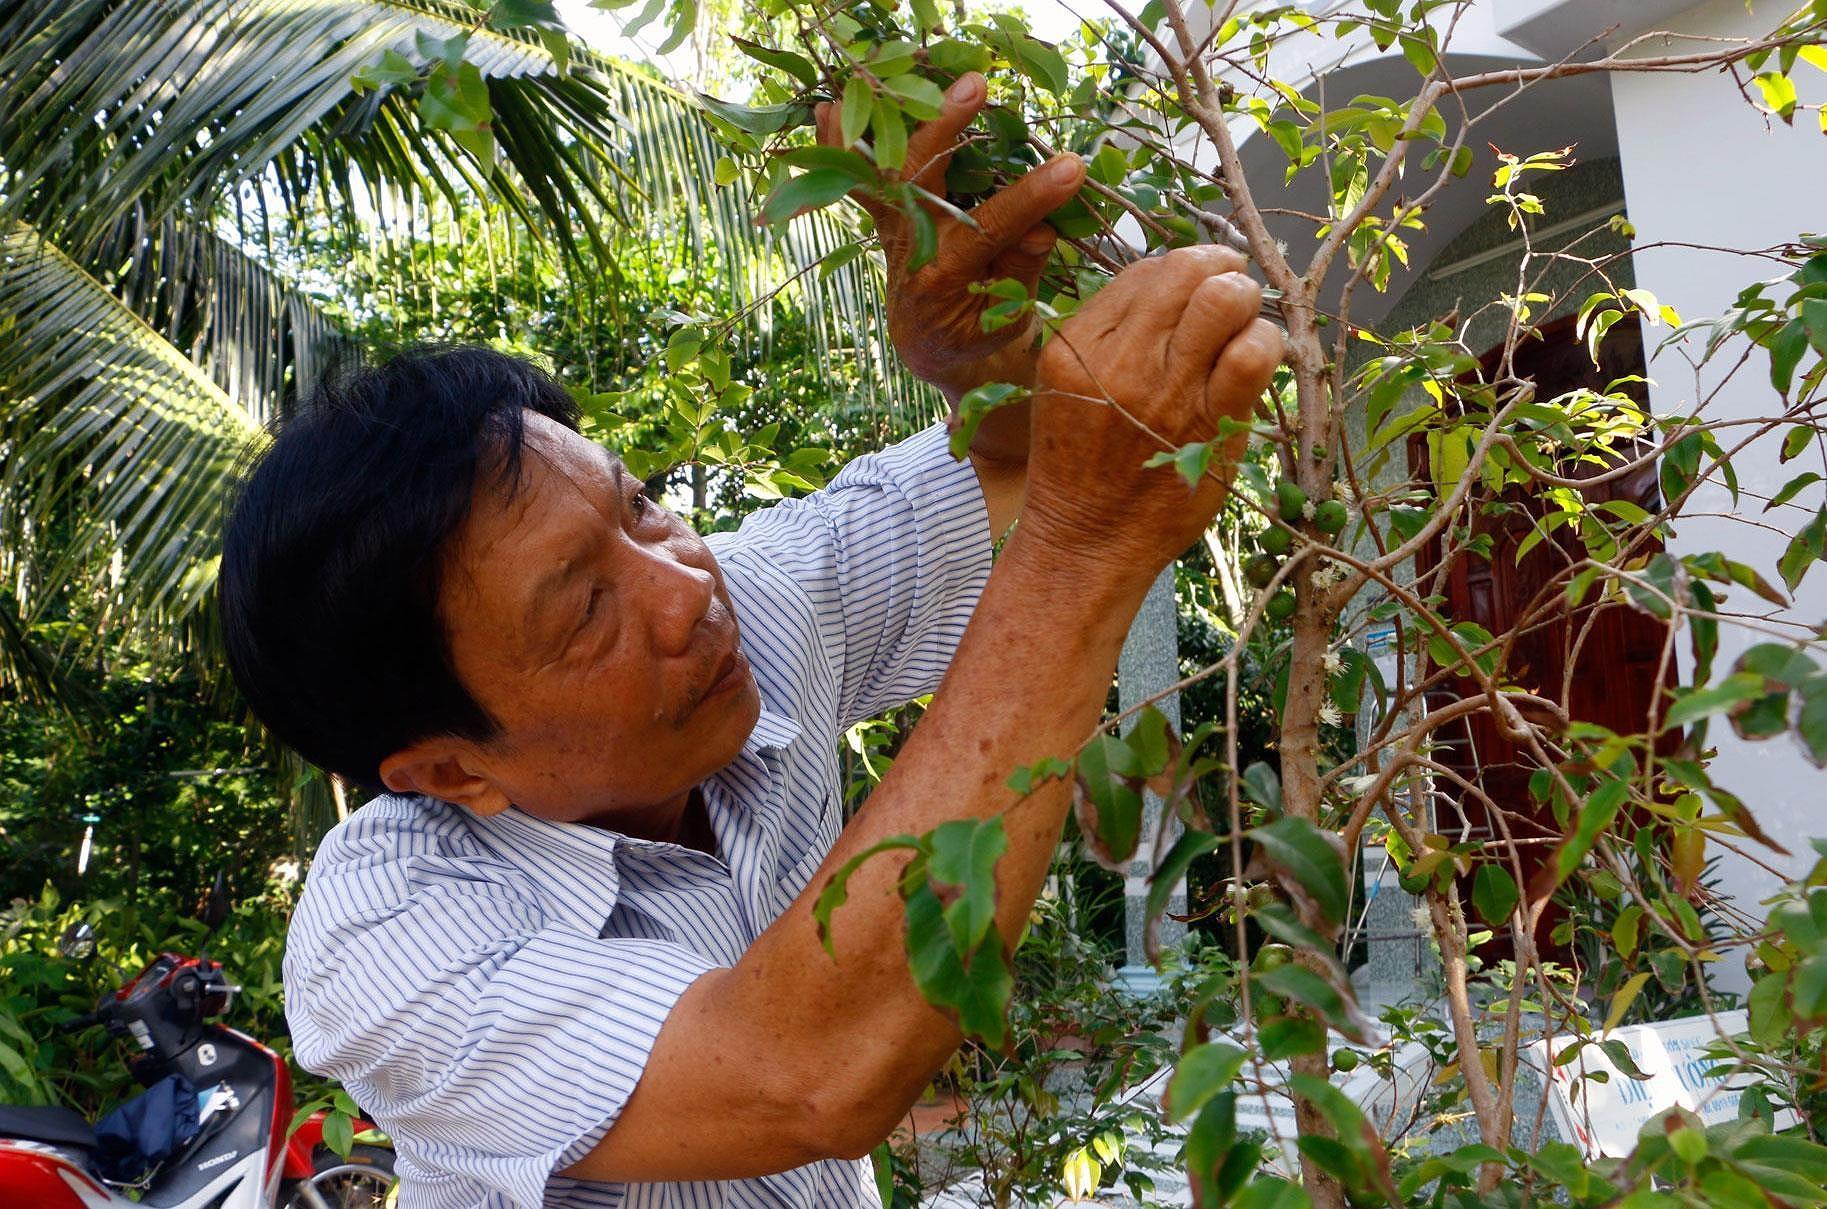 Chiêm ngưỡng vườn nho thân gỗ độc đáo ở xứ Cù Lao Ảnh 6